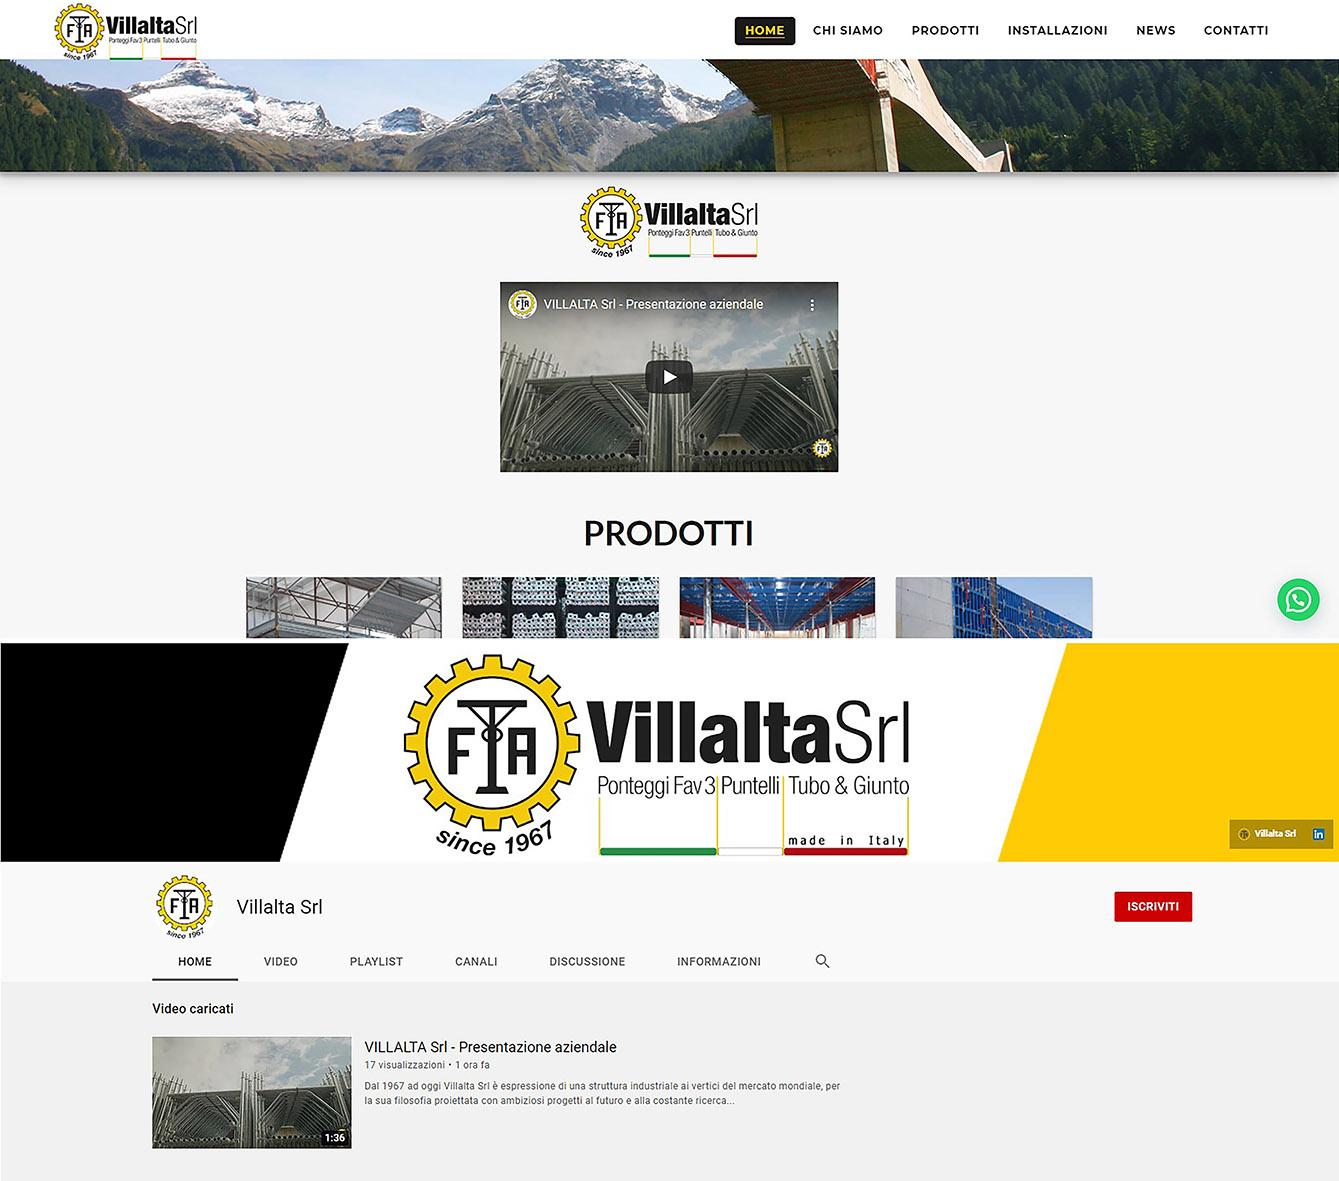 News nuovo video e canale YouTube Villalta Srl